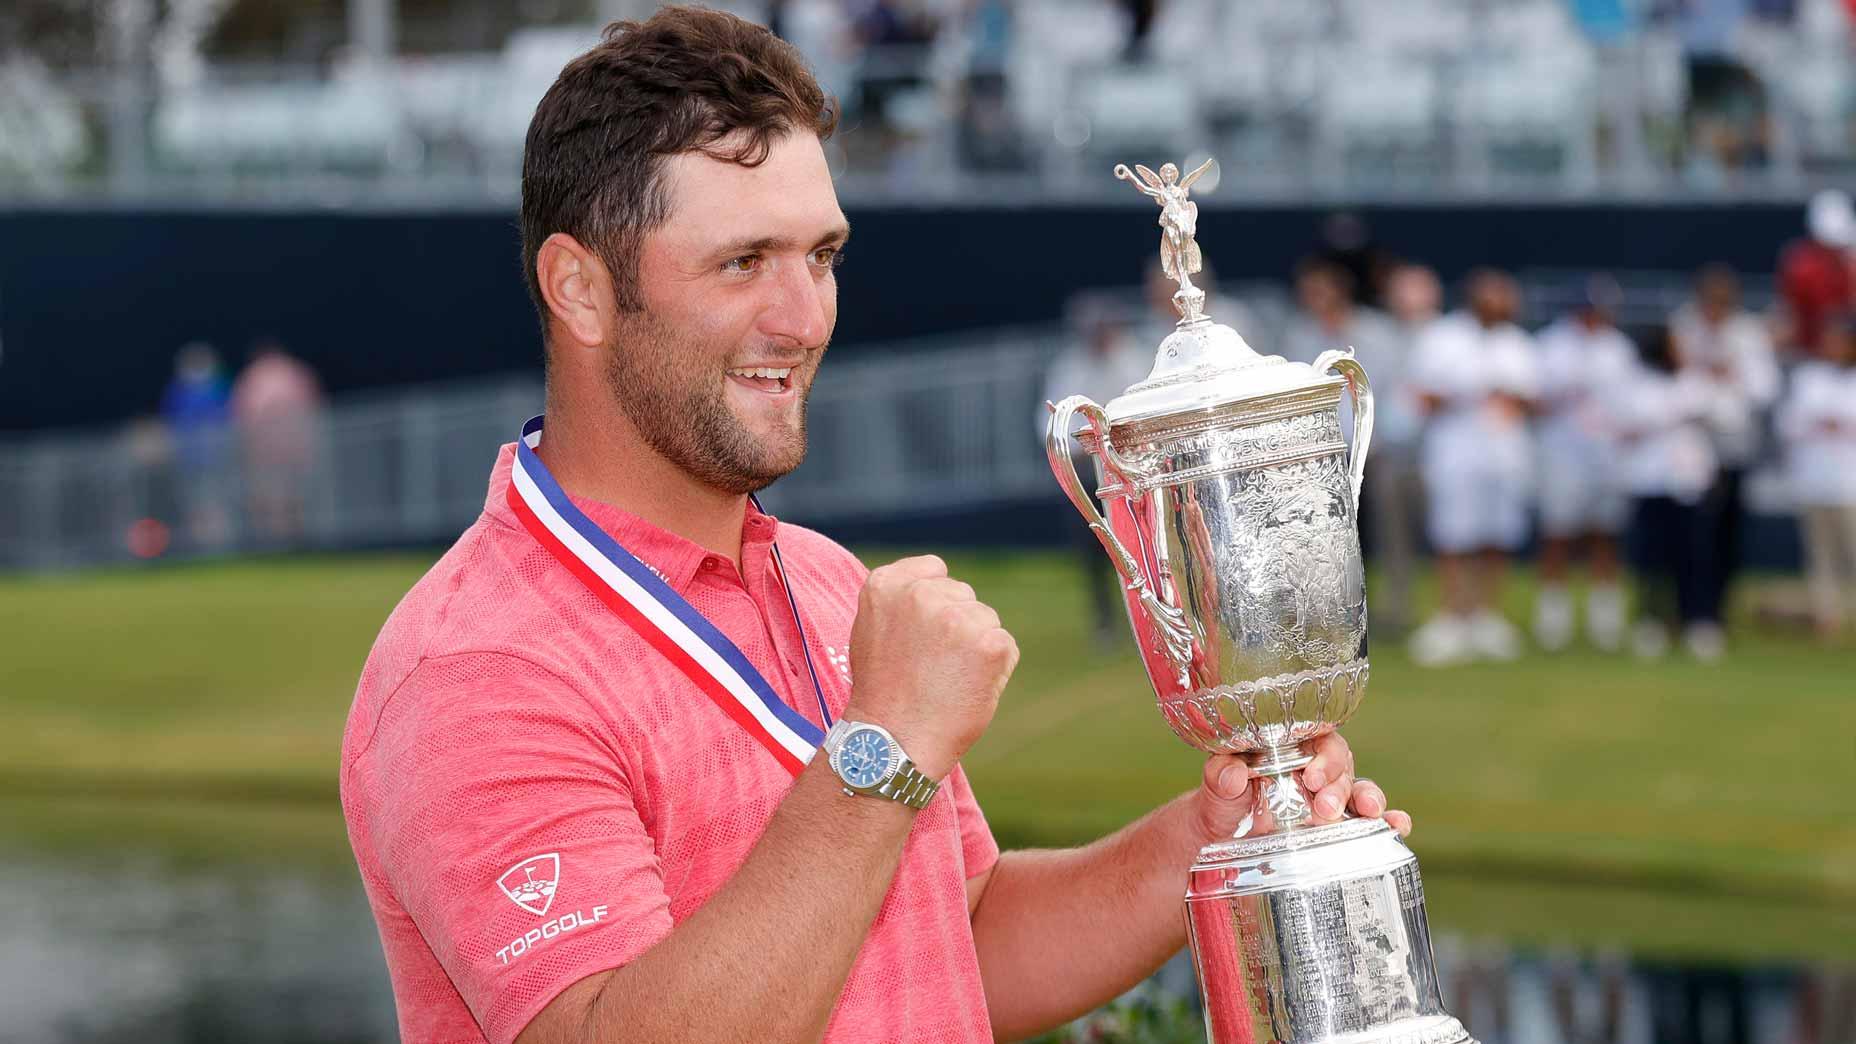 jon rahm with trophy